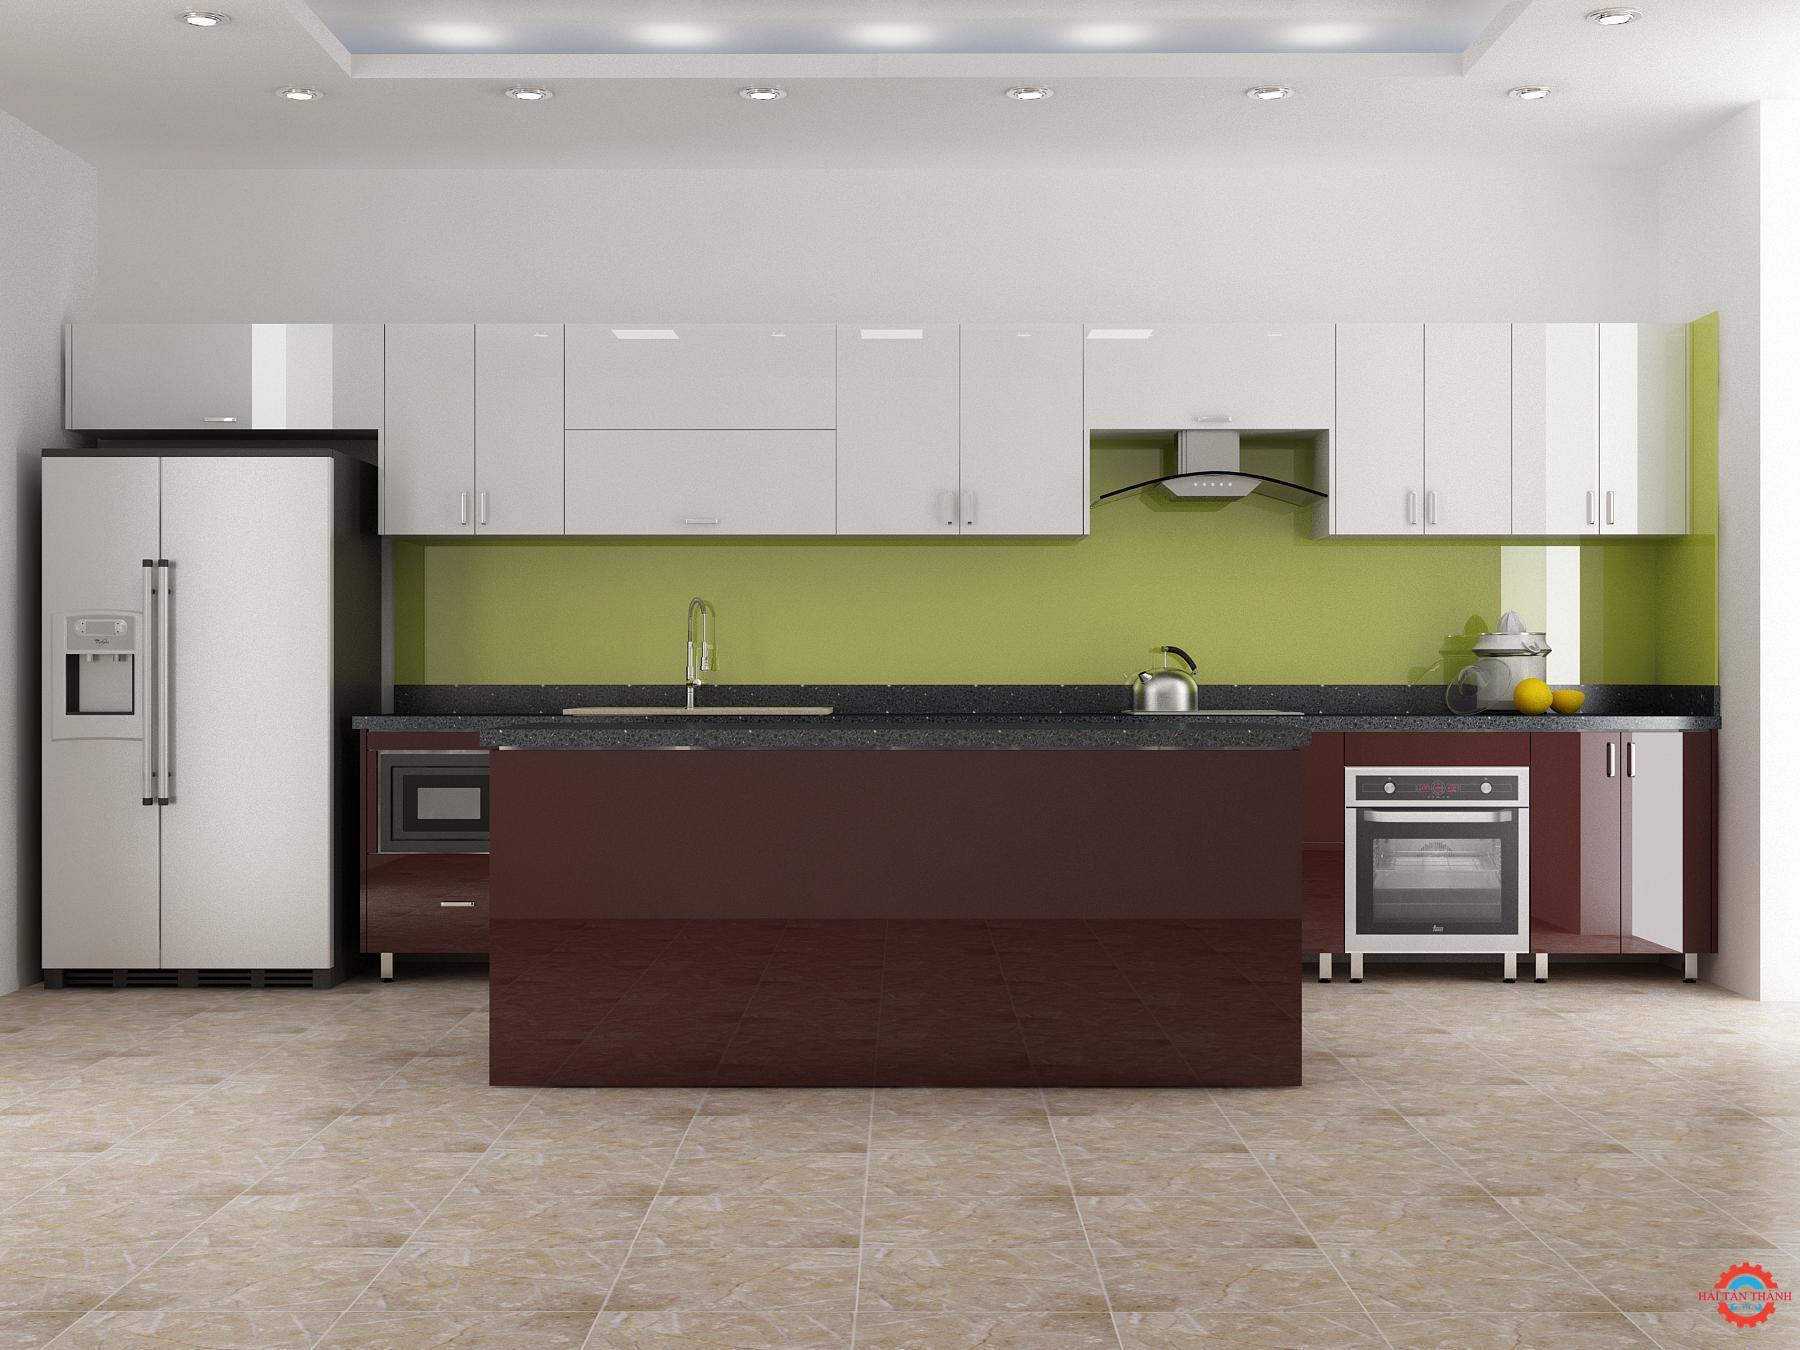 Chuyên gia công tủ bếp inox chất lượng cao theo yêu cầu tại quận 4